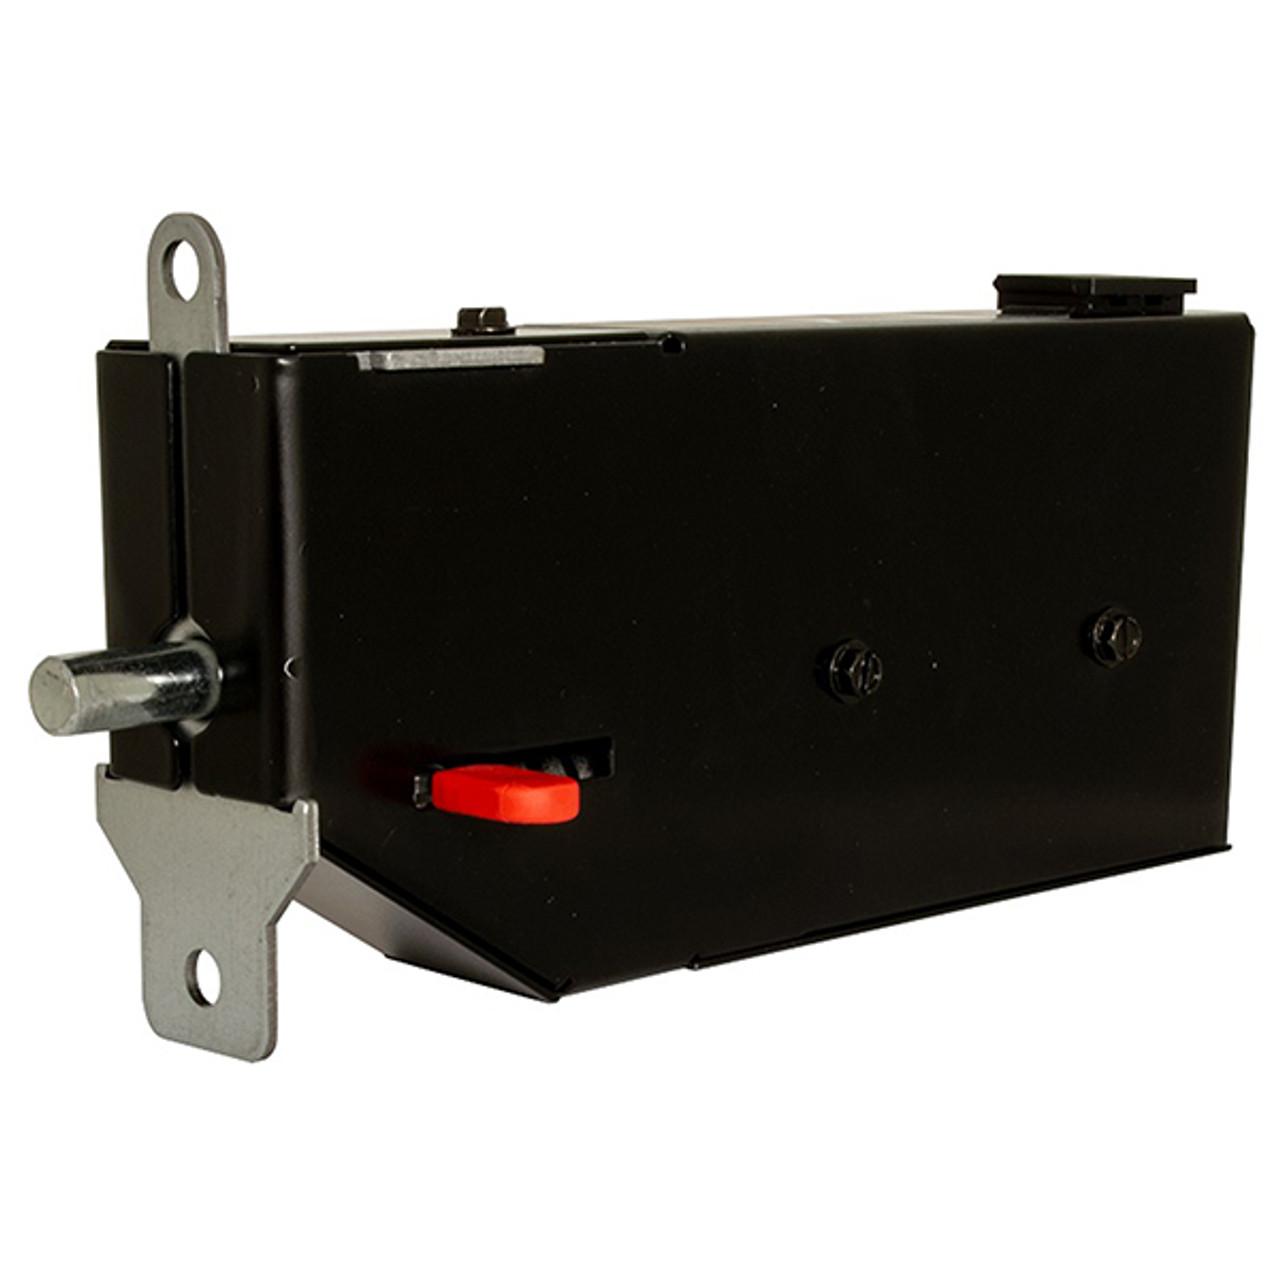 DOOR LOCK - GENIE GPDL-P (WALL MOUNT)